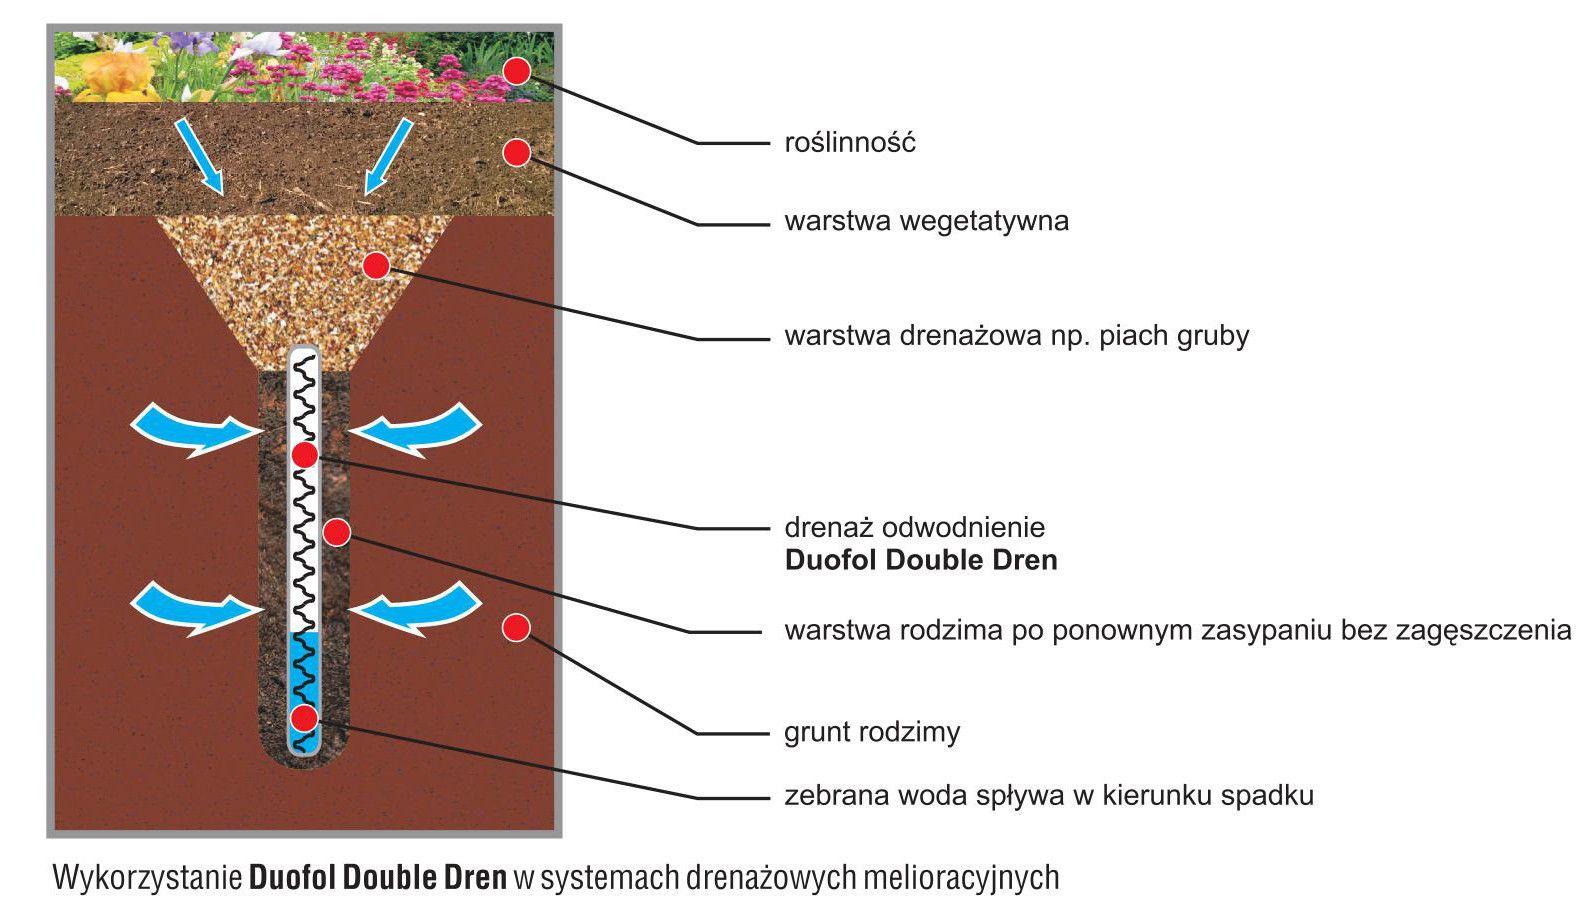 duofol-double-dren-01